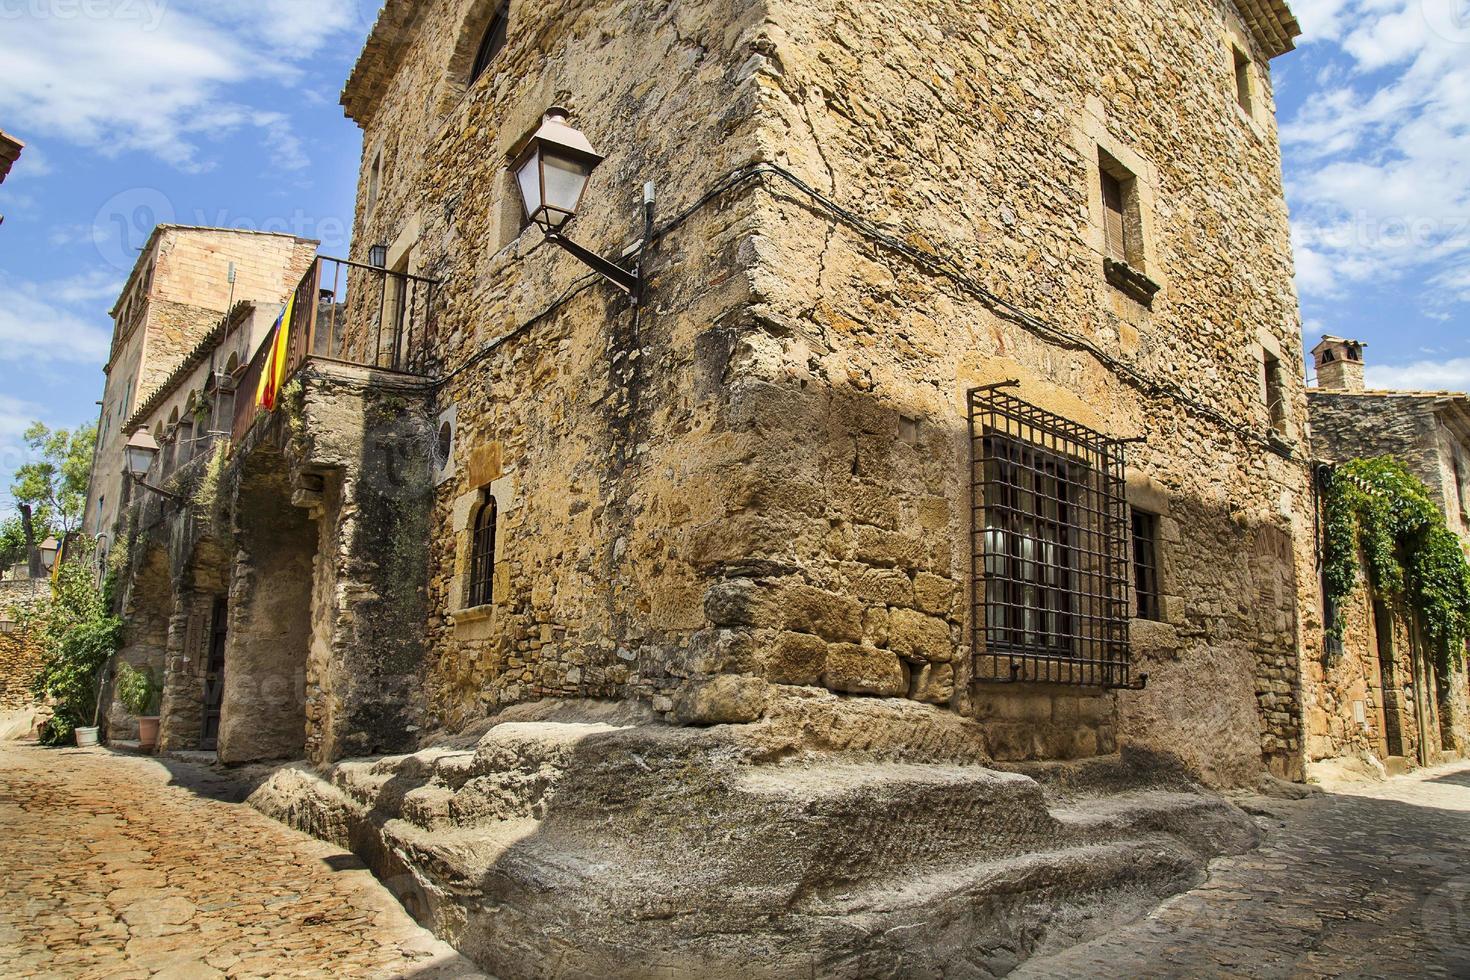 Ciudad medieval de calle de adoquines en Cataluña foto